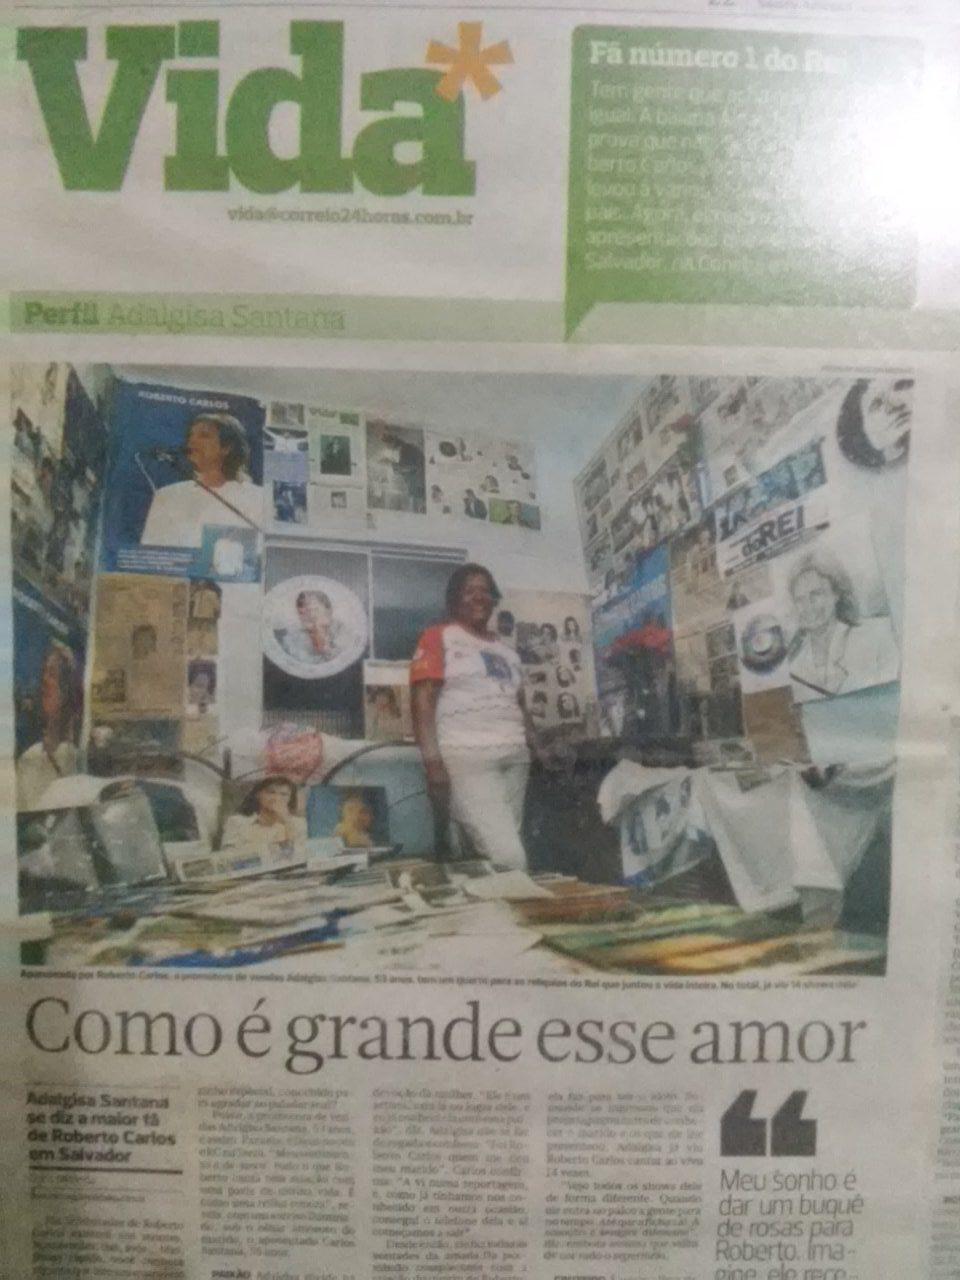 Adalgisa Santana Pereira - O cantinho do Rei,Salvador-Ba.